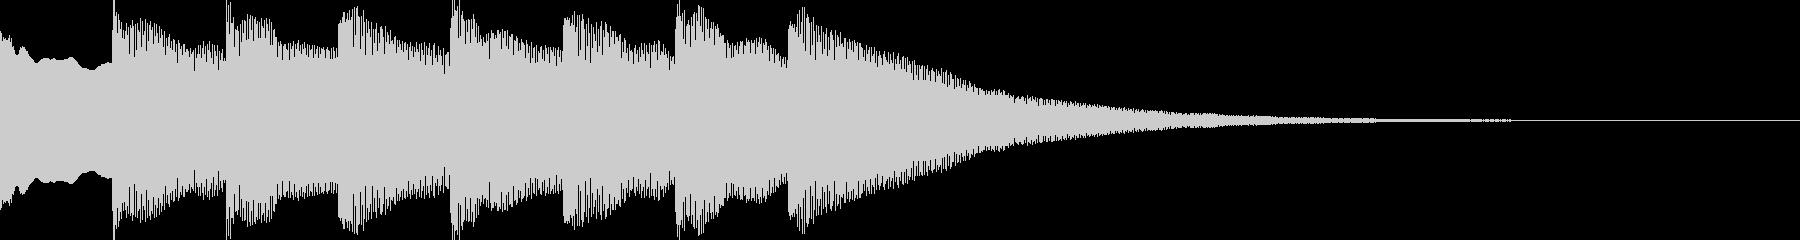 正解!の効果音2_ピンポン!×4の未再生の波形